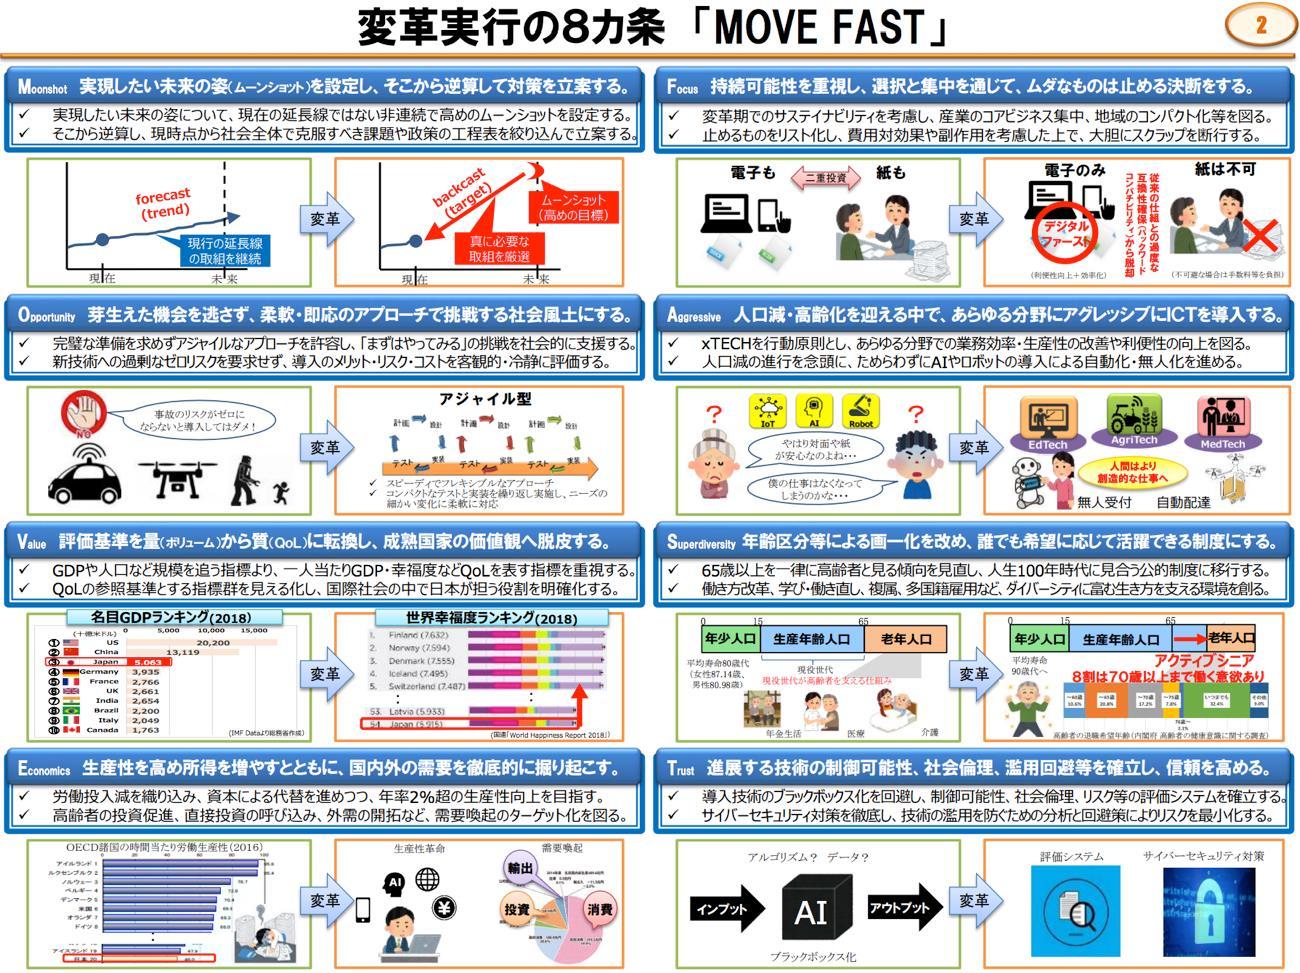 情報通信審議会 「未来をつかむTECH戦略」